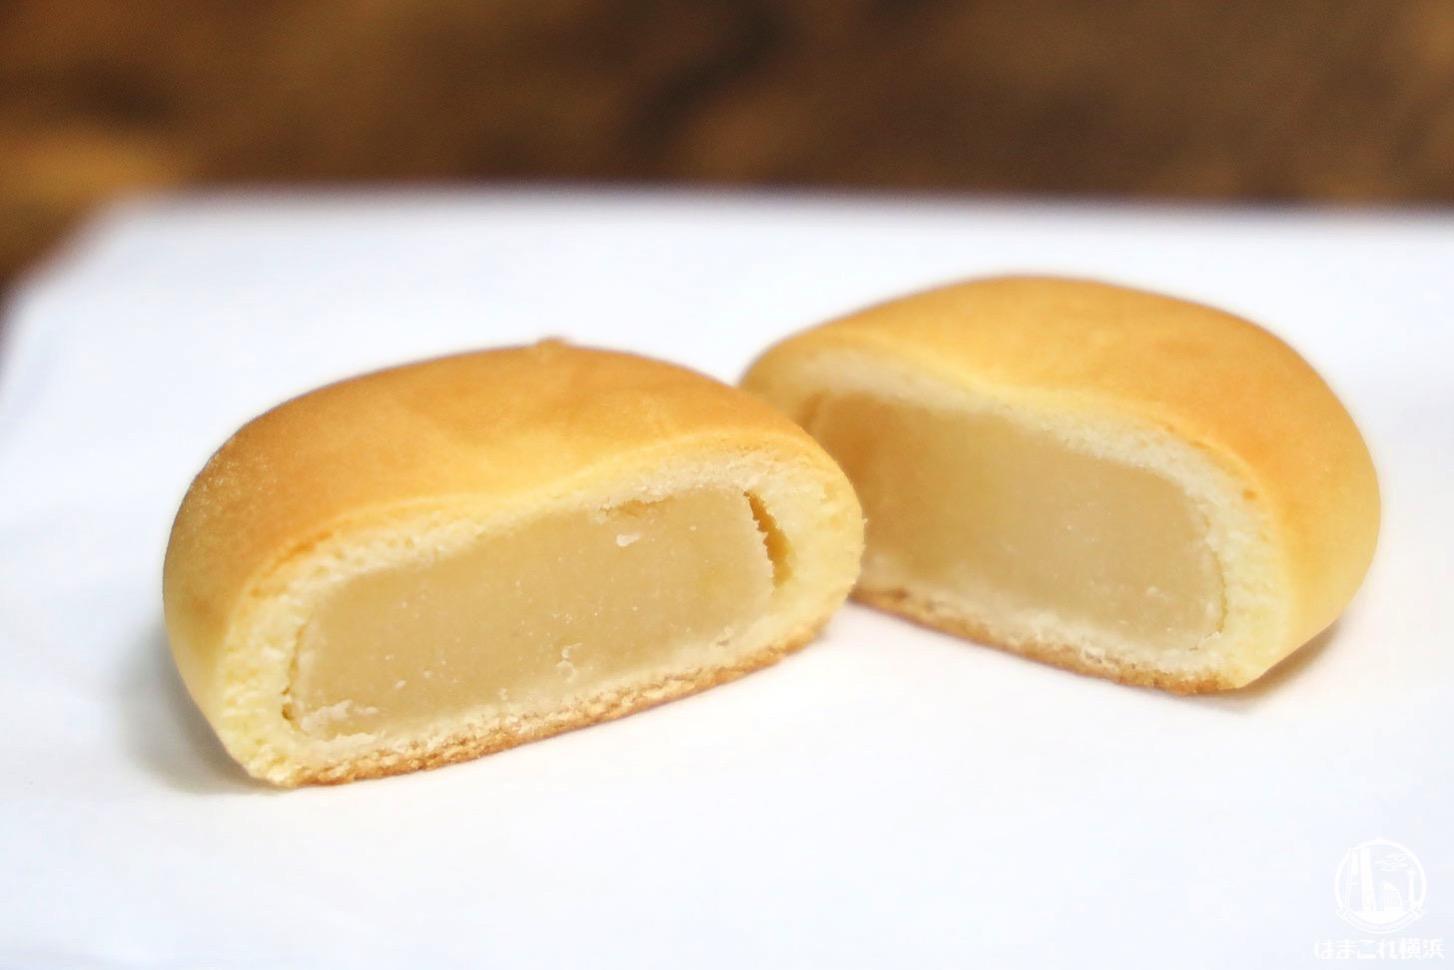 横濱ハーバー「幻の浜なし」梨のピューレを使用した餡